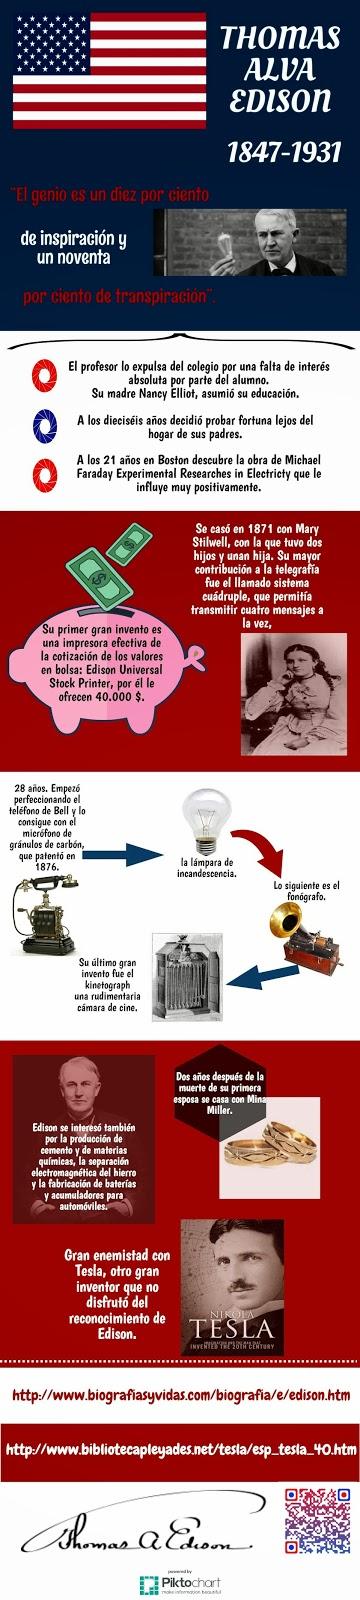 Infografía realizada por Diego S. y Jairo de la I.